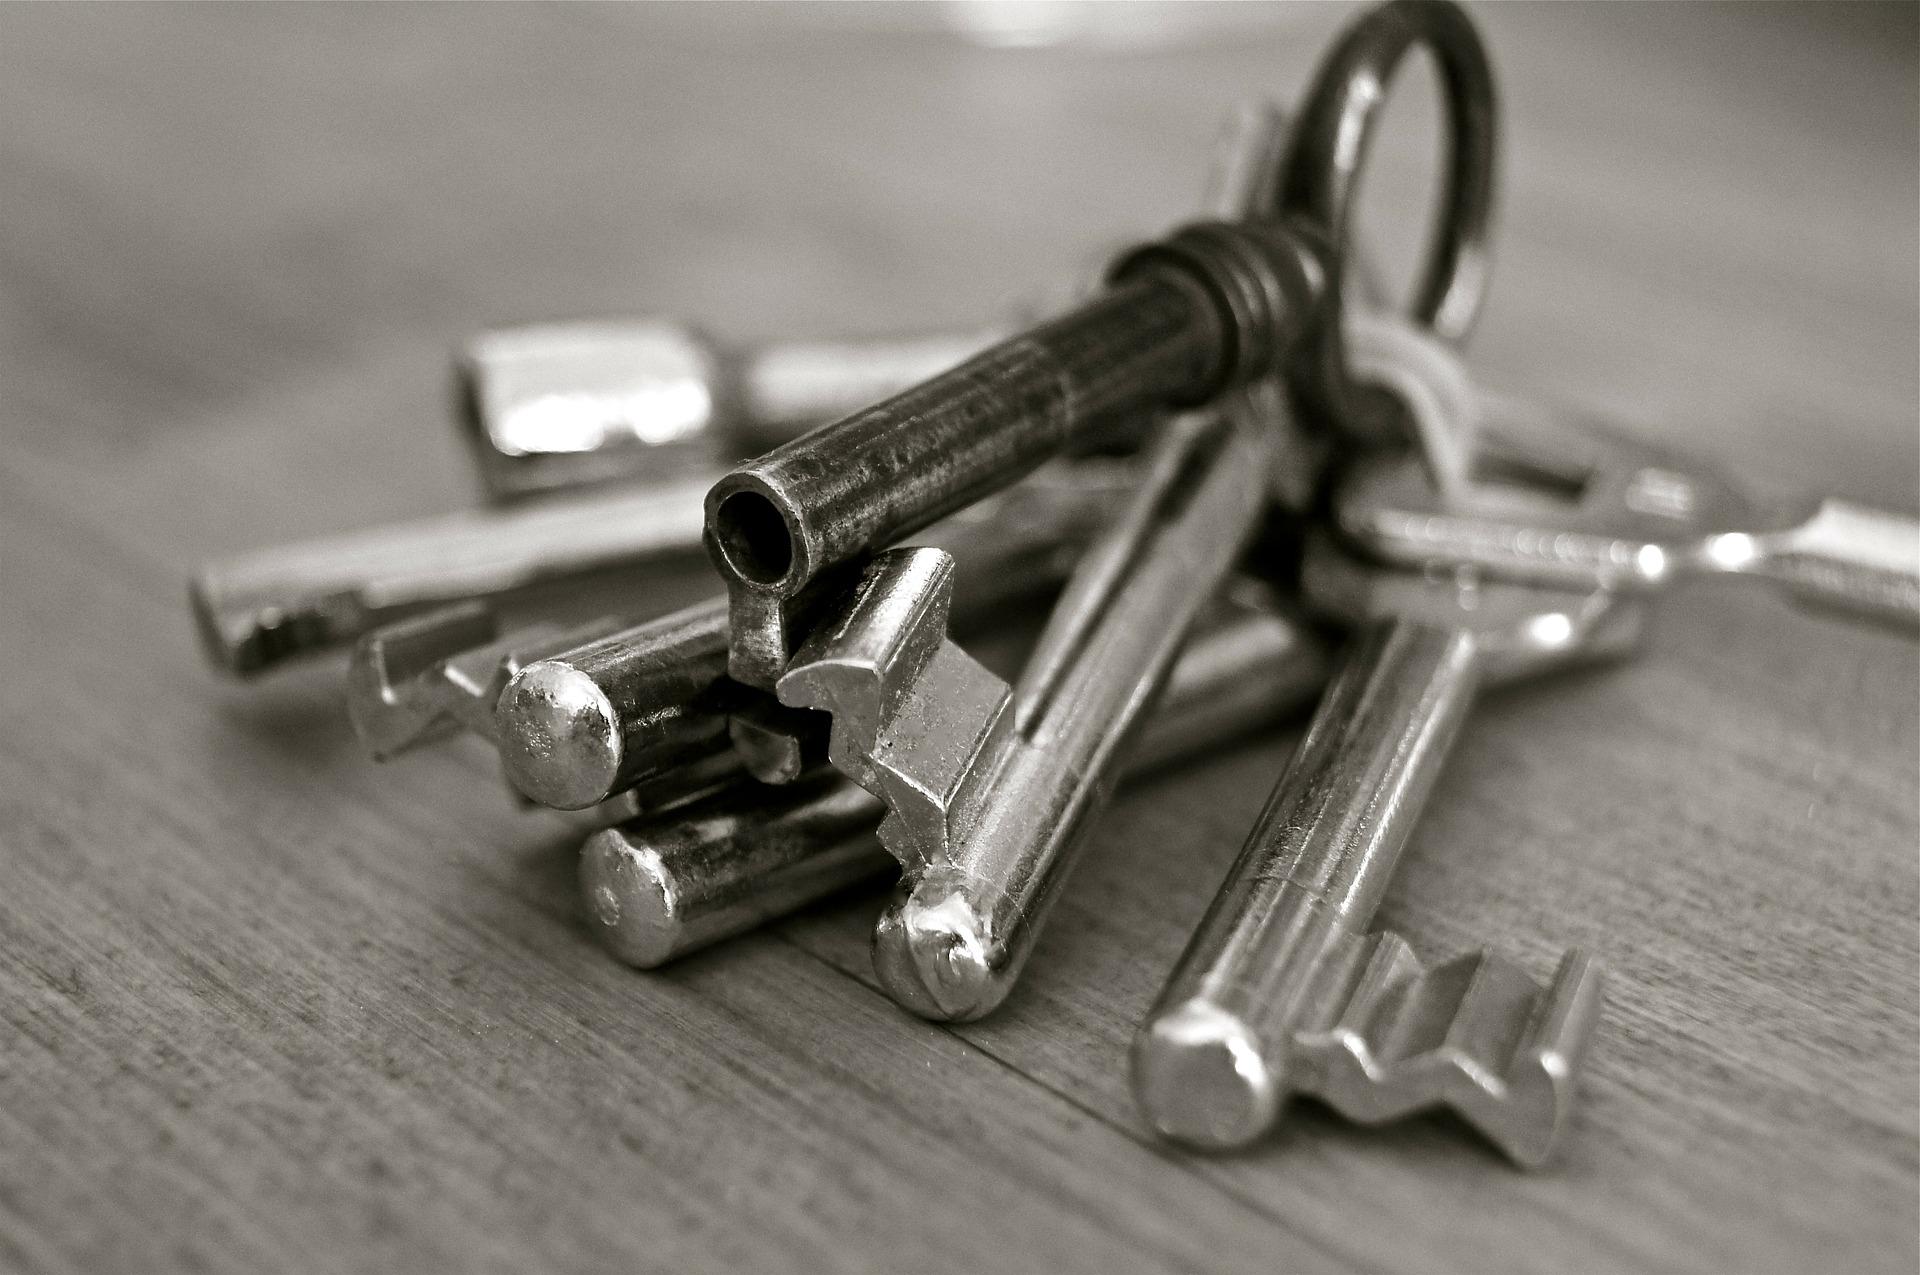 system master key